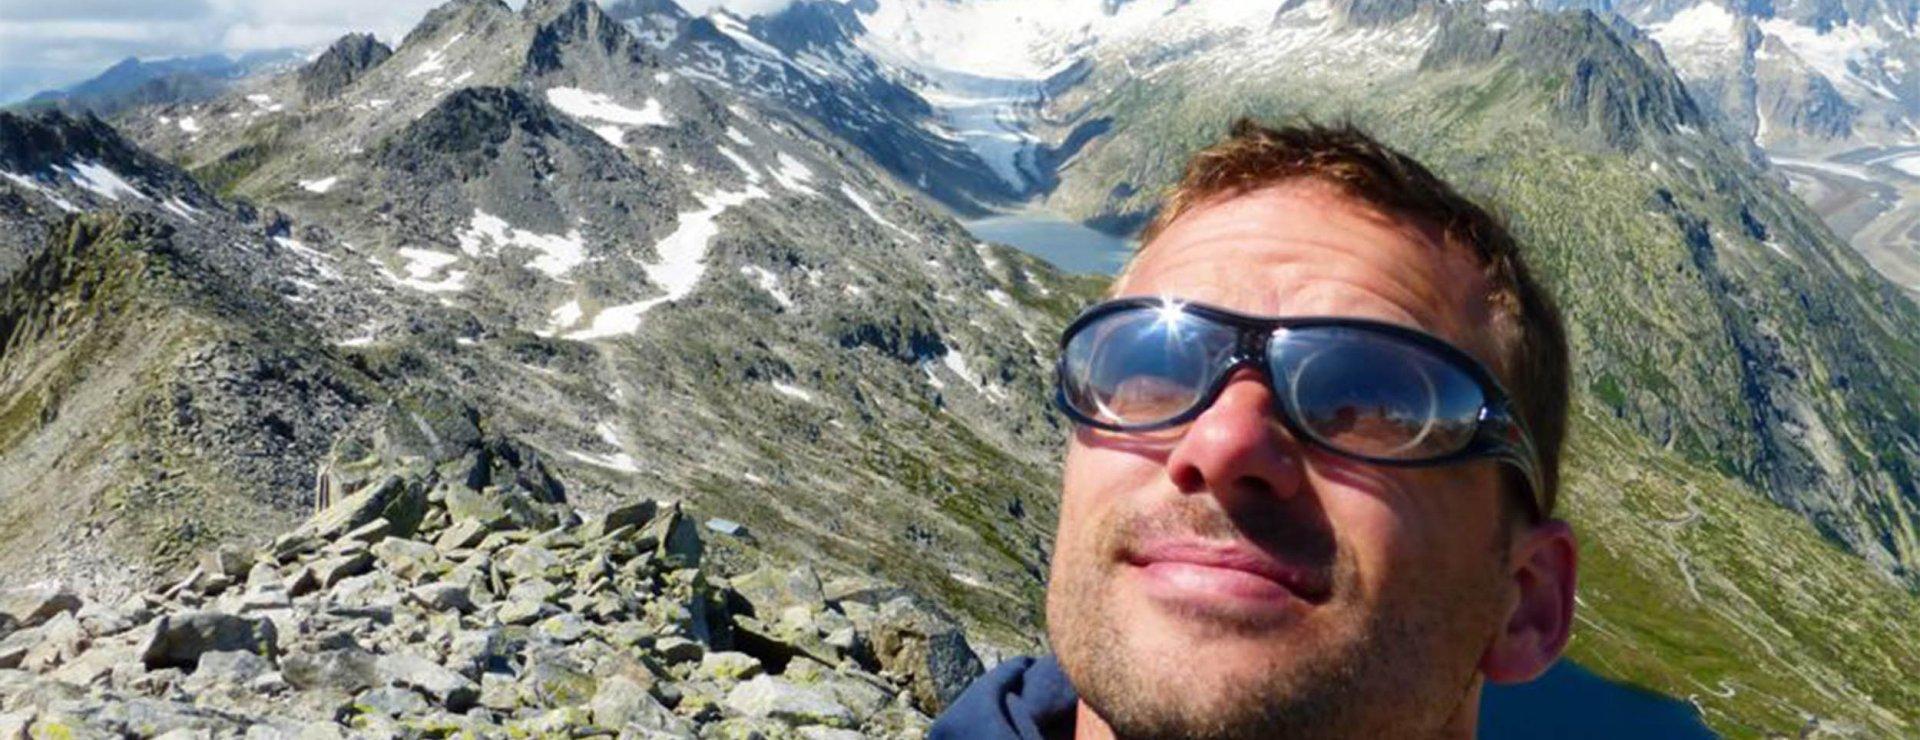 Mark Schoonhoven